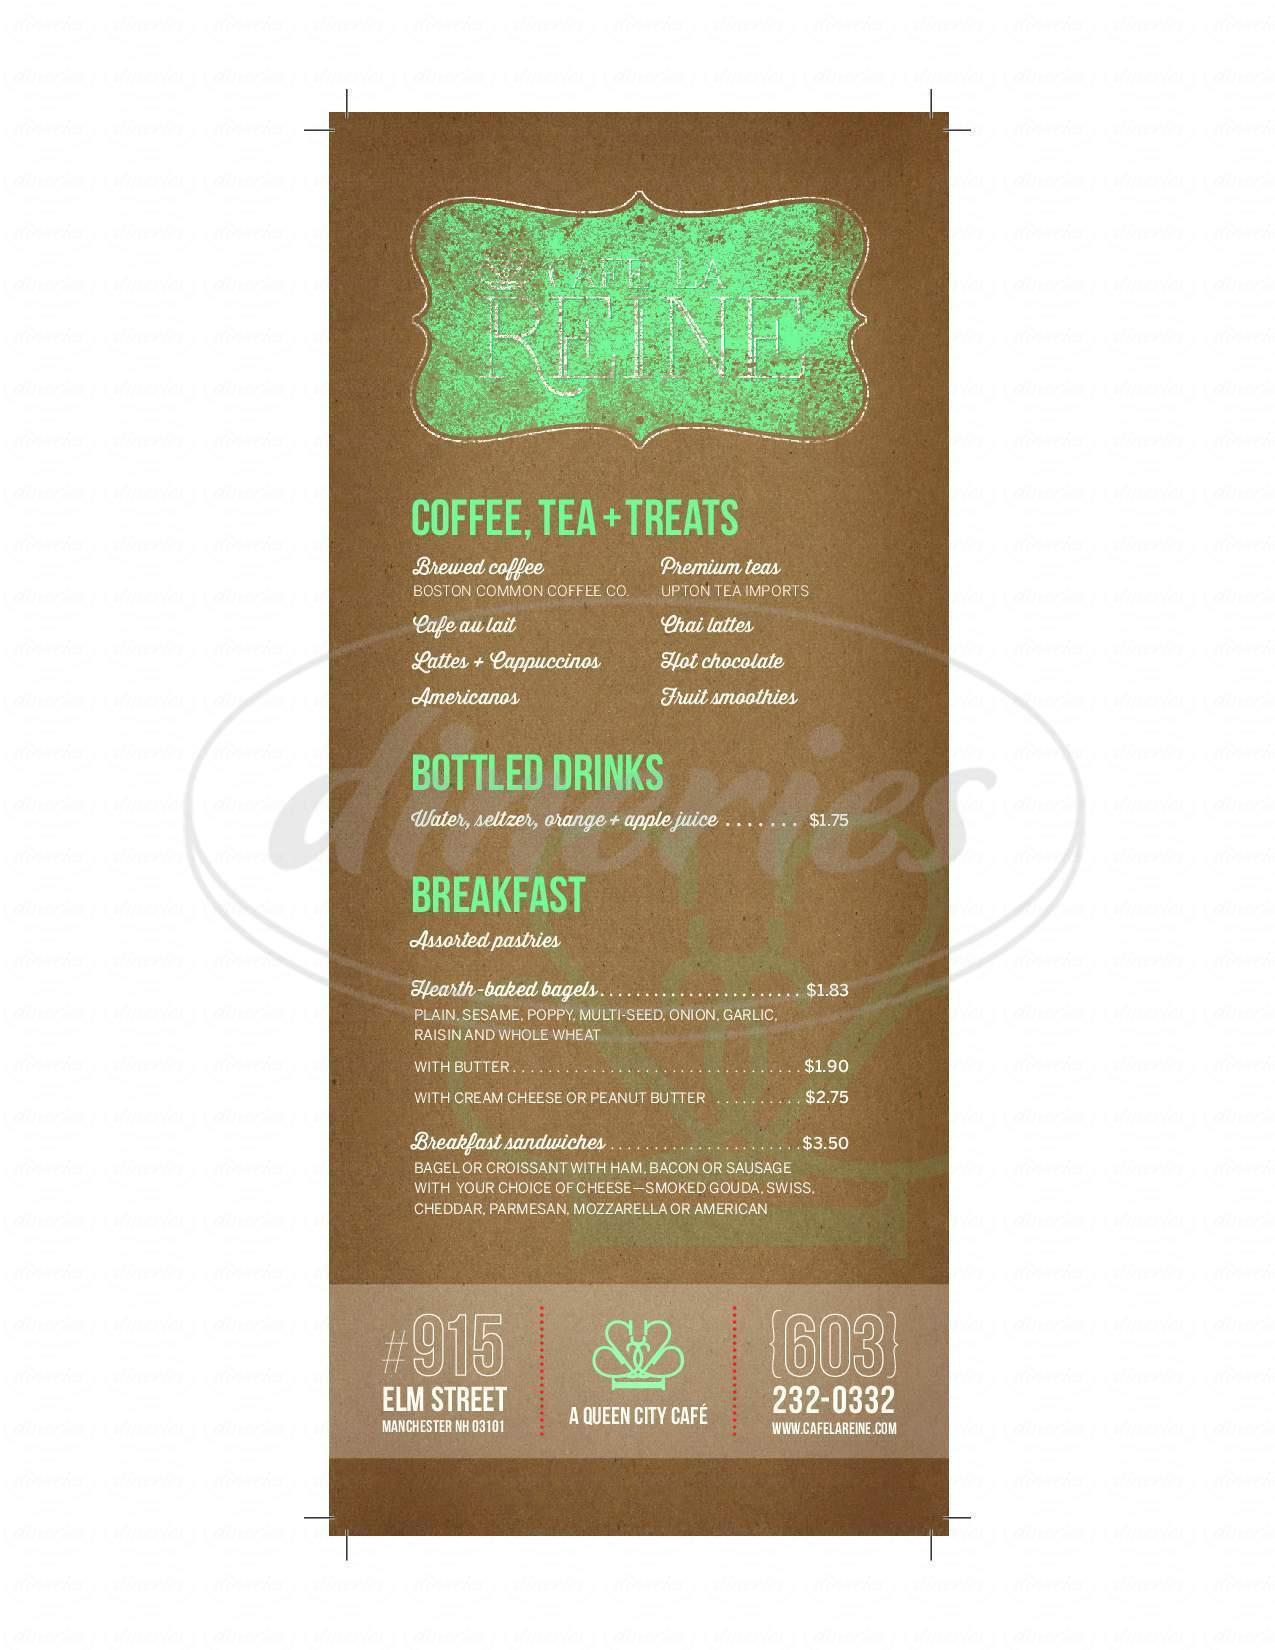 menu for Café la Reine